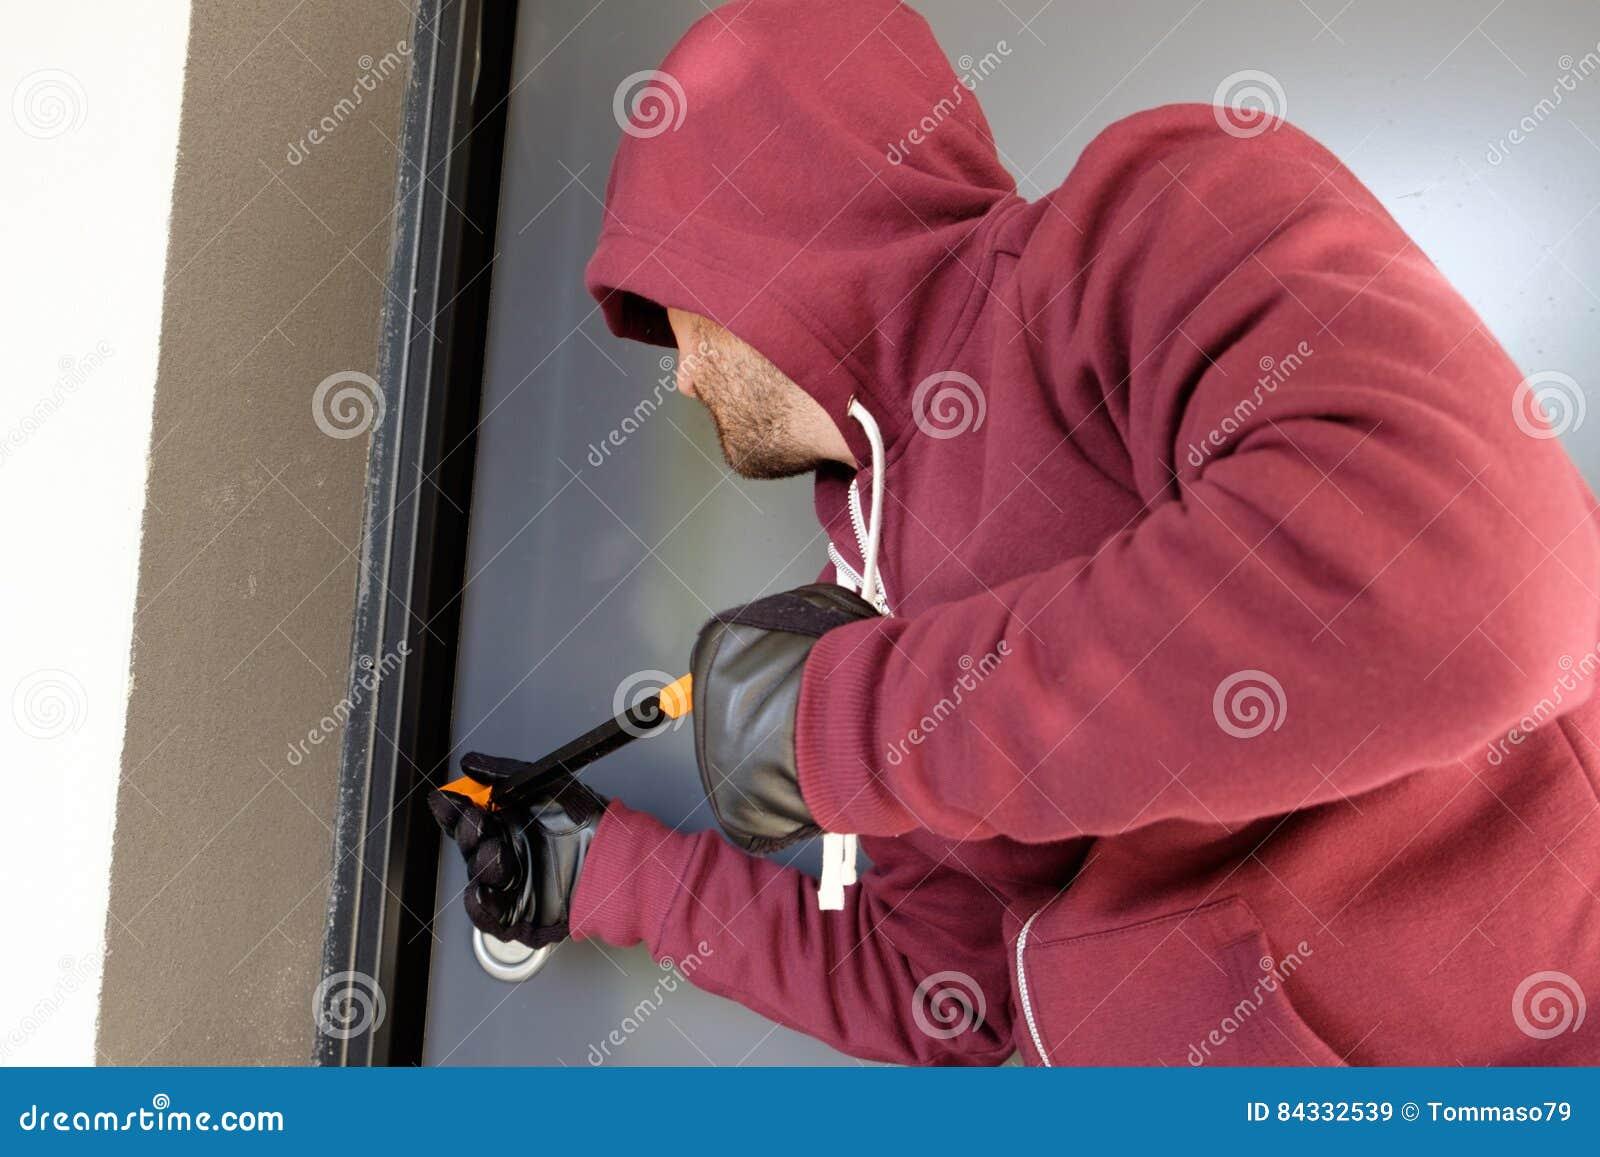 Burglar trying to force a door lock